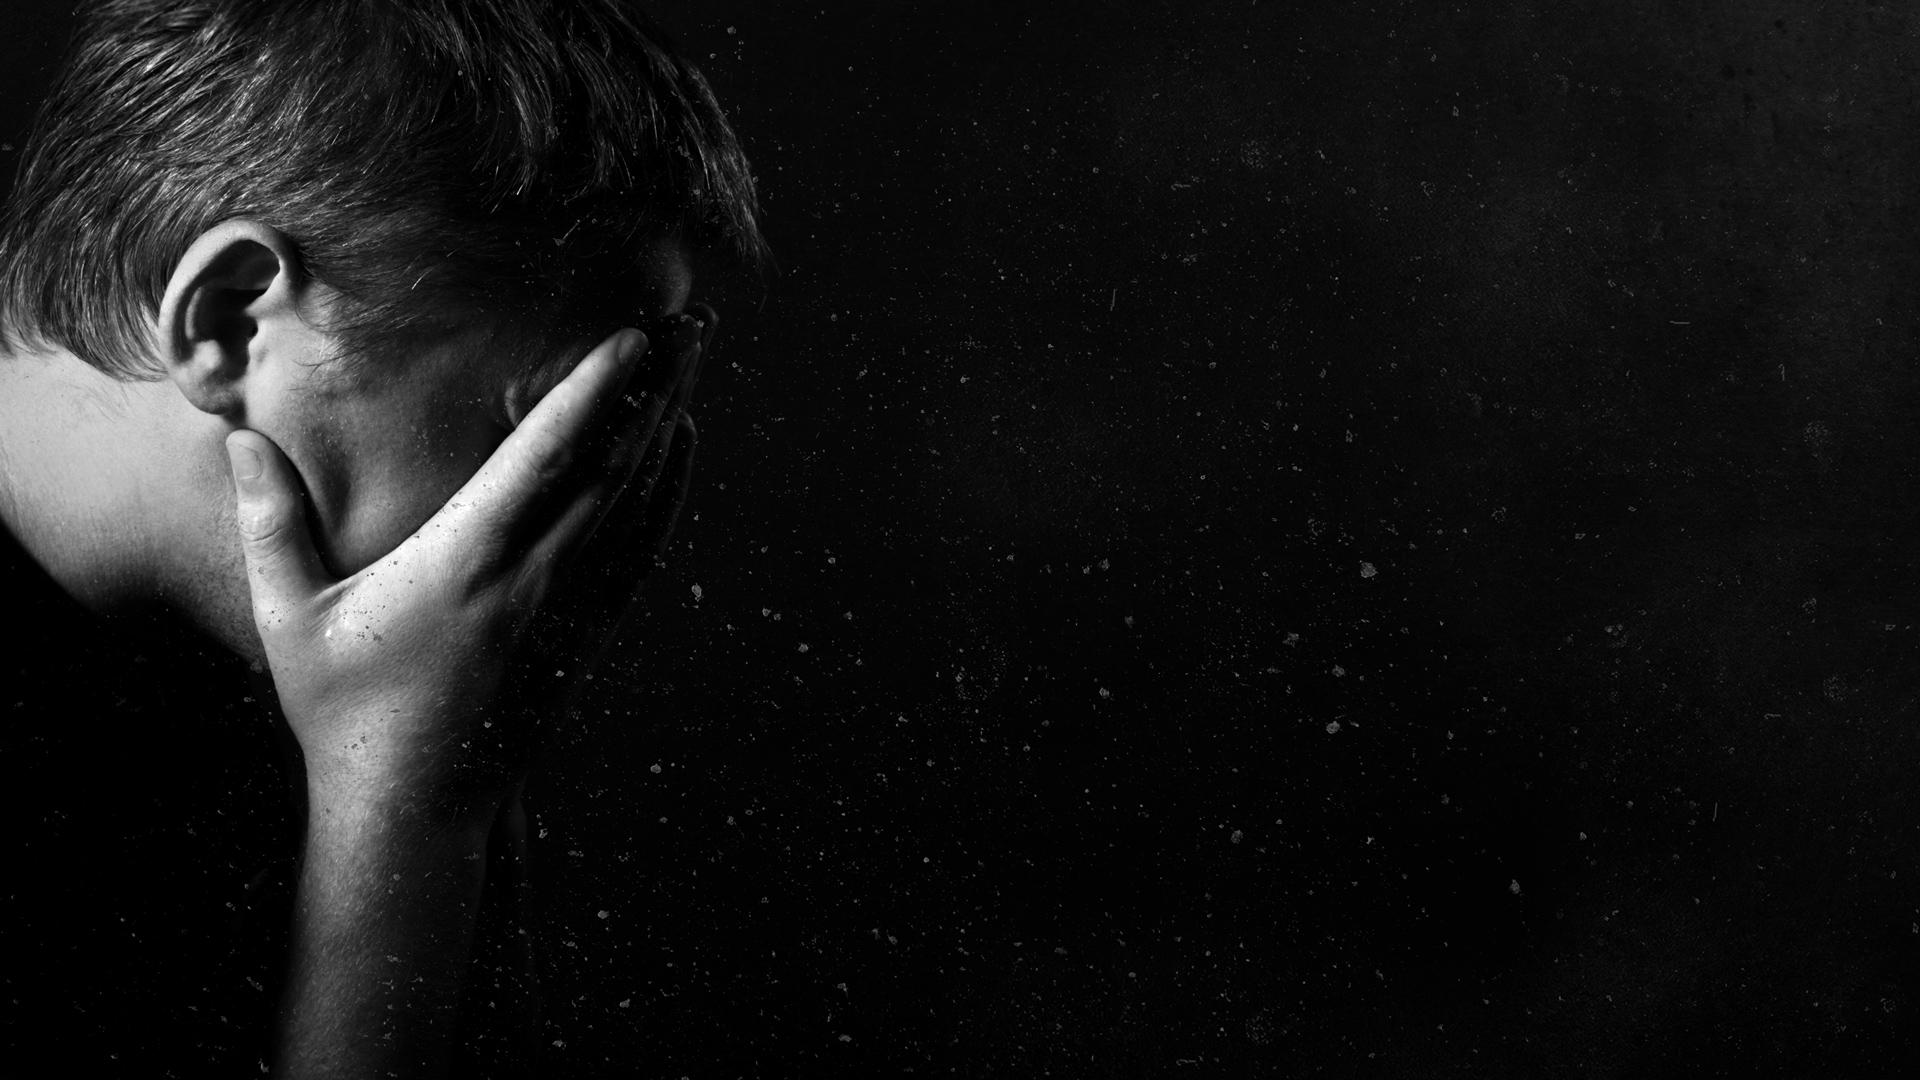 آیا افسردگی در تمام افراد به یک شکل است؟